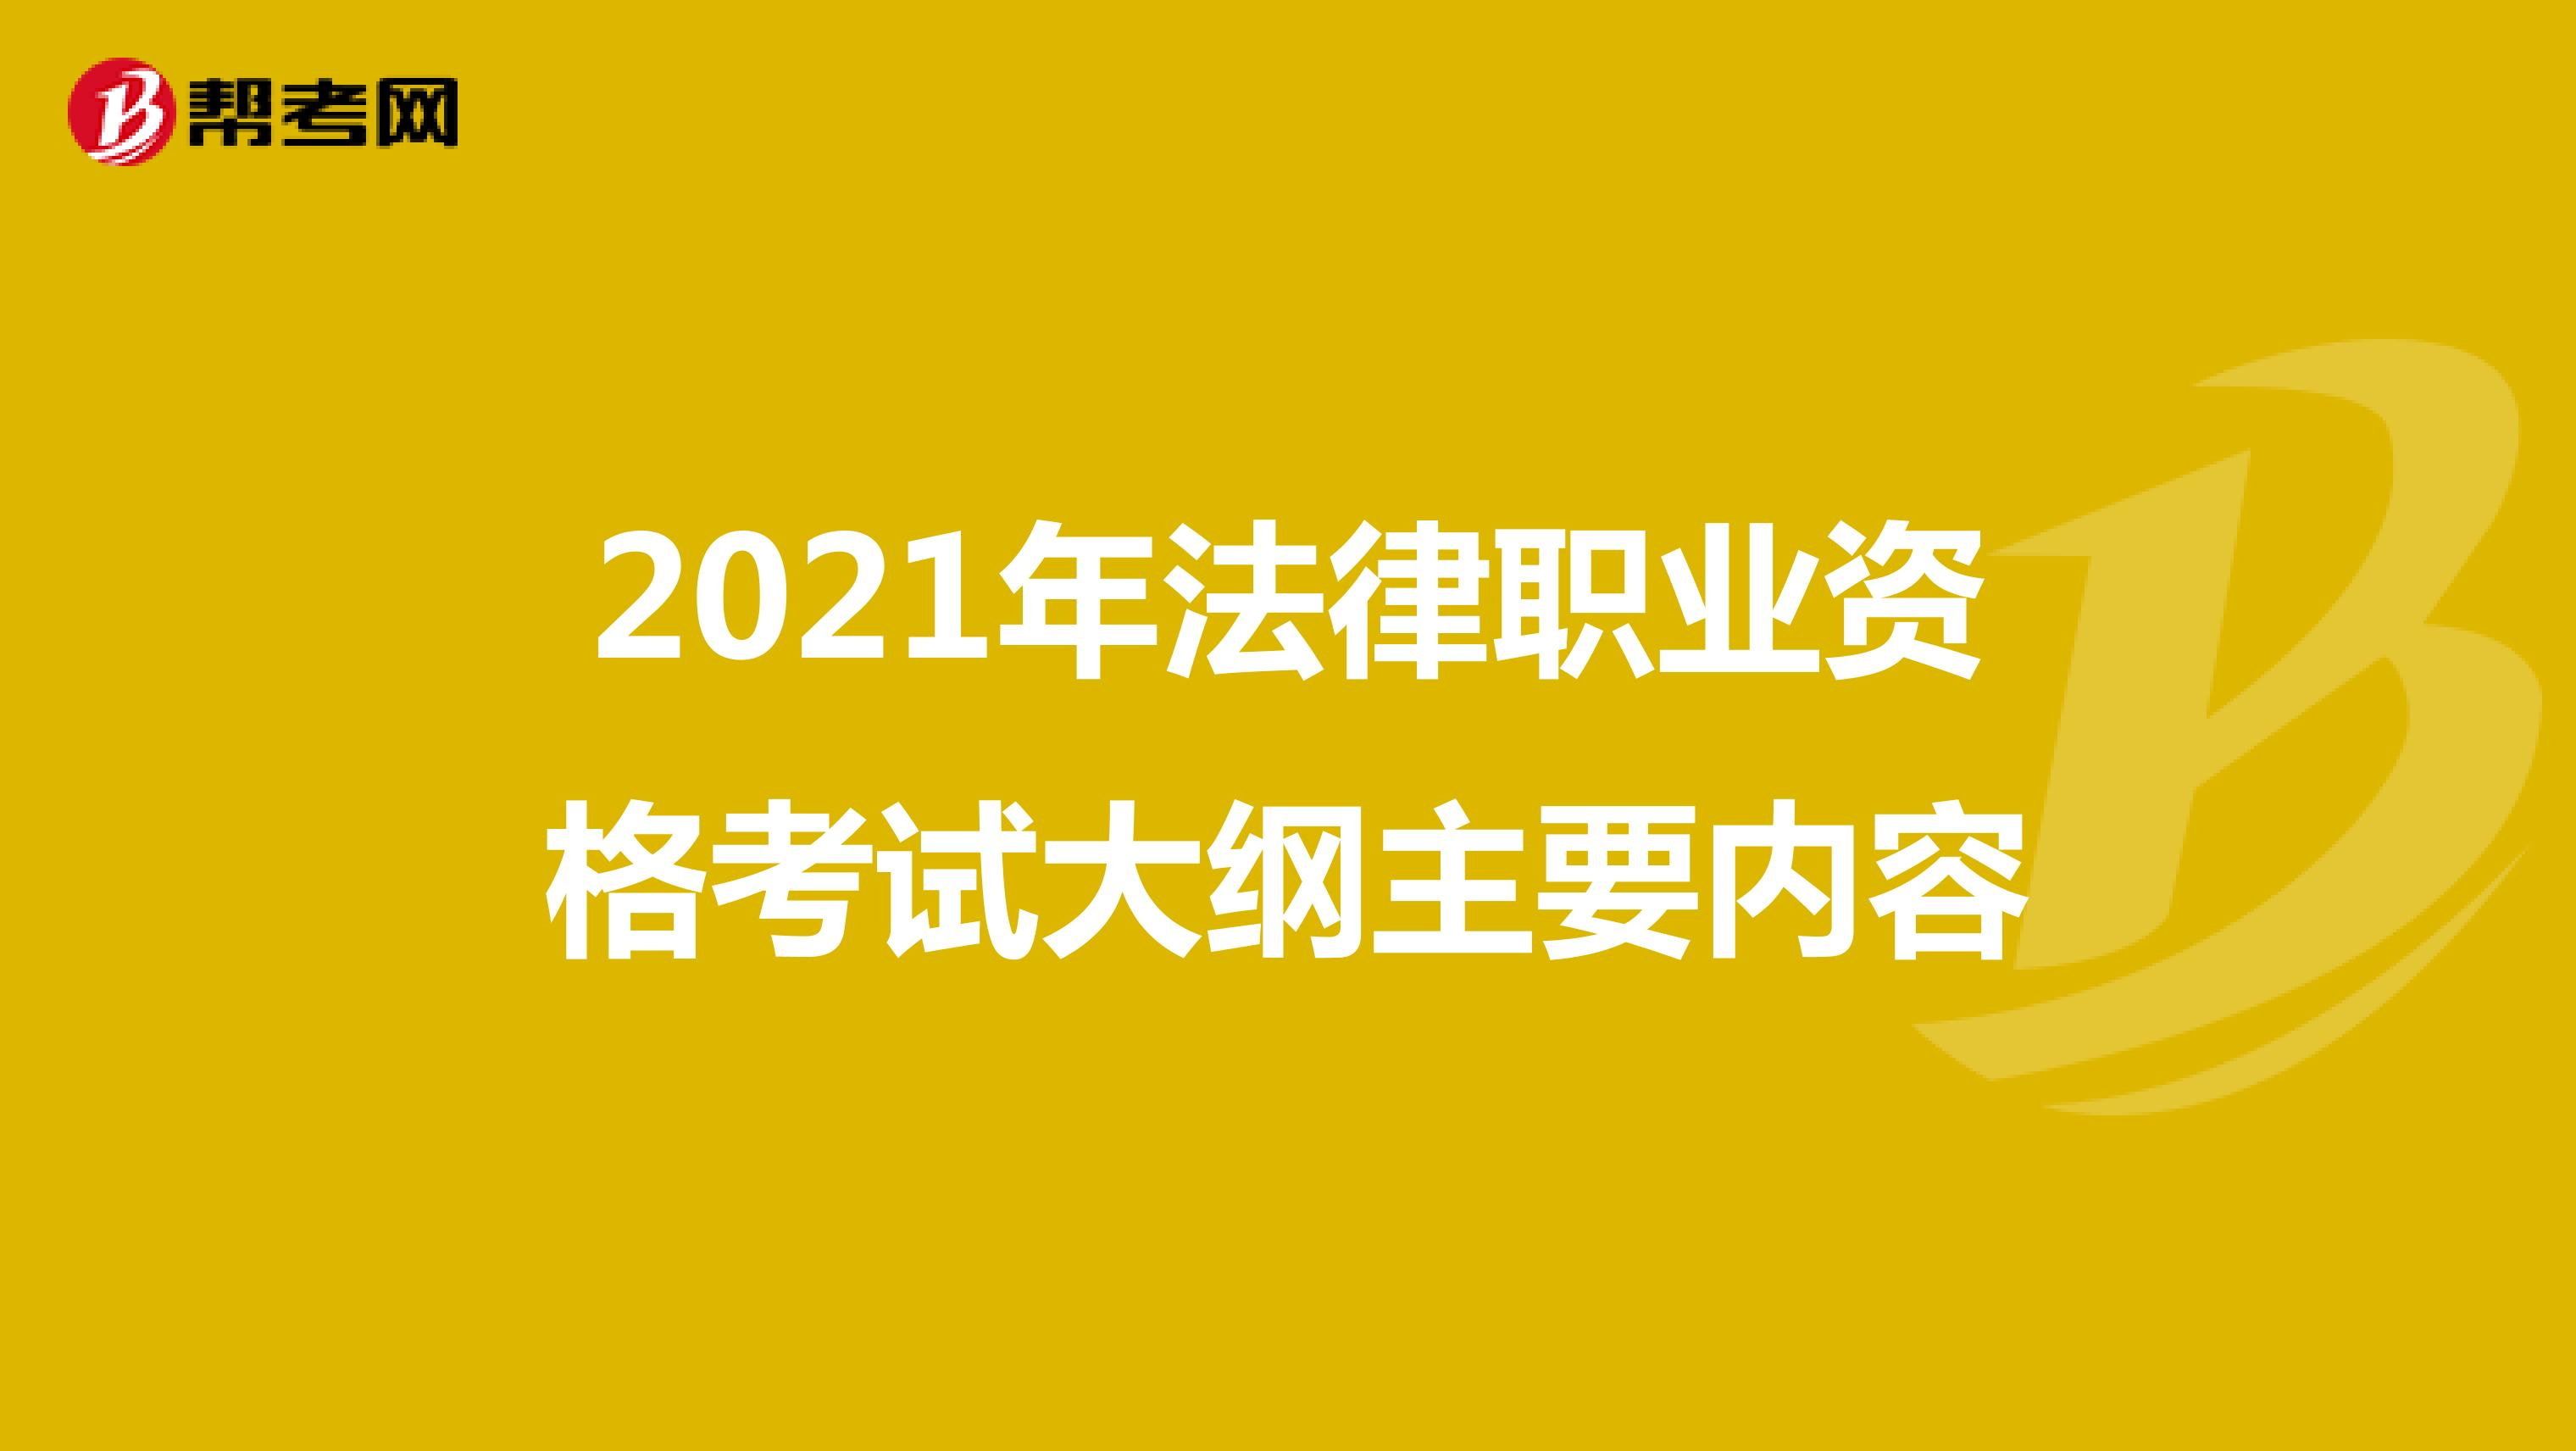 2021年法律职业资格考试大纲主要内容